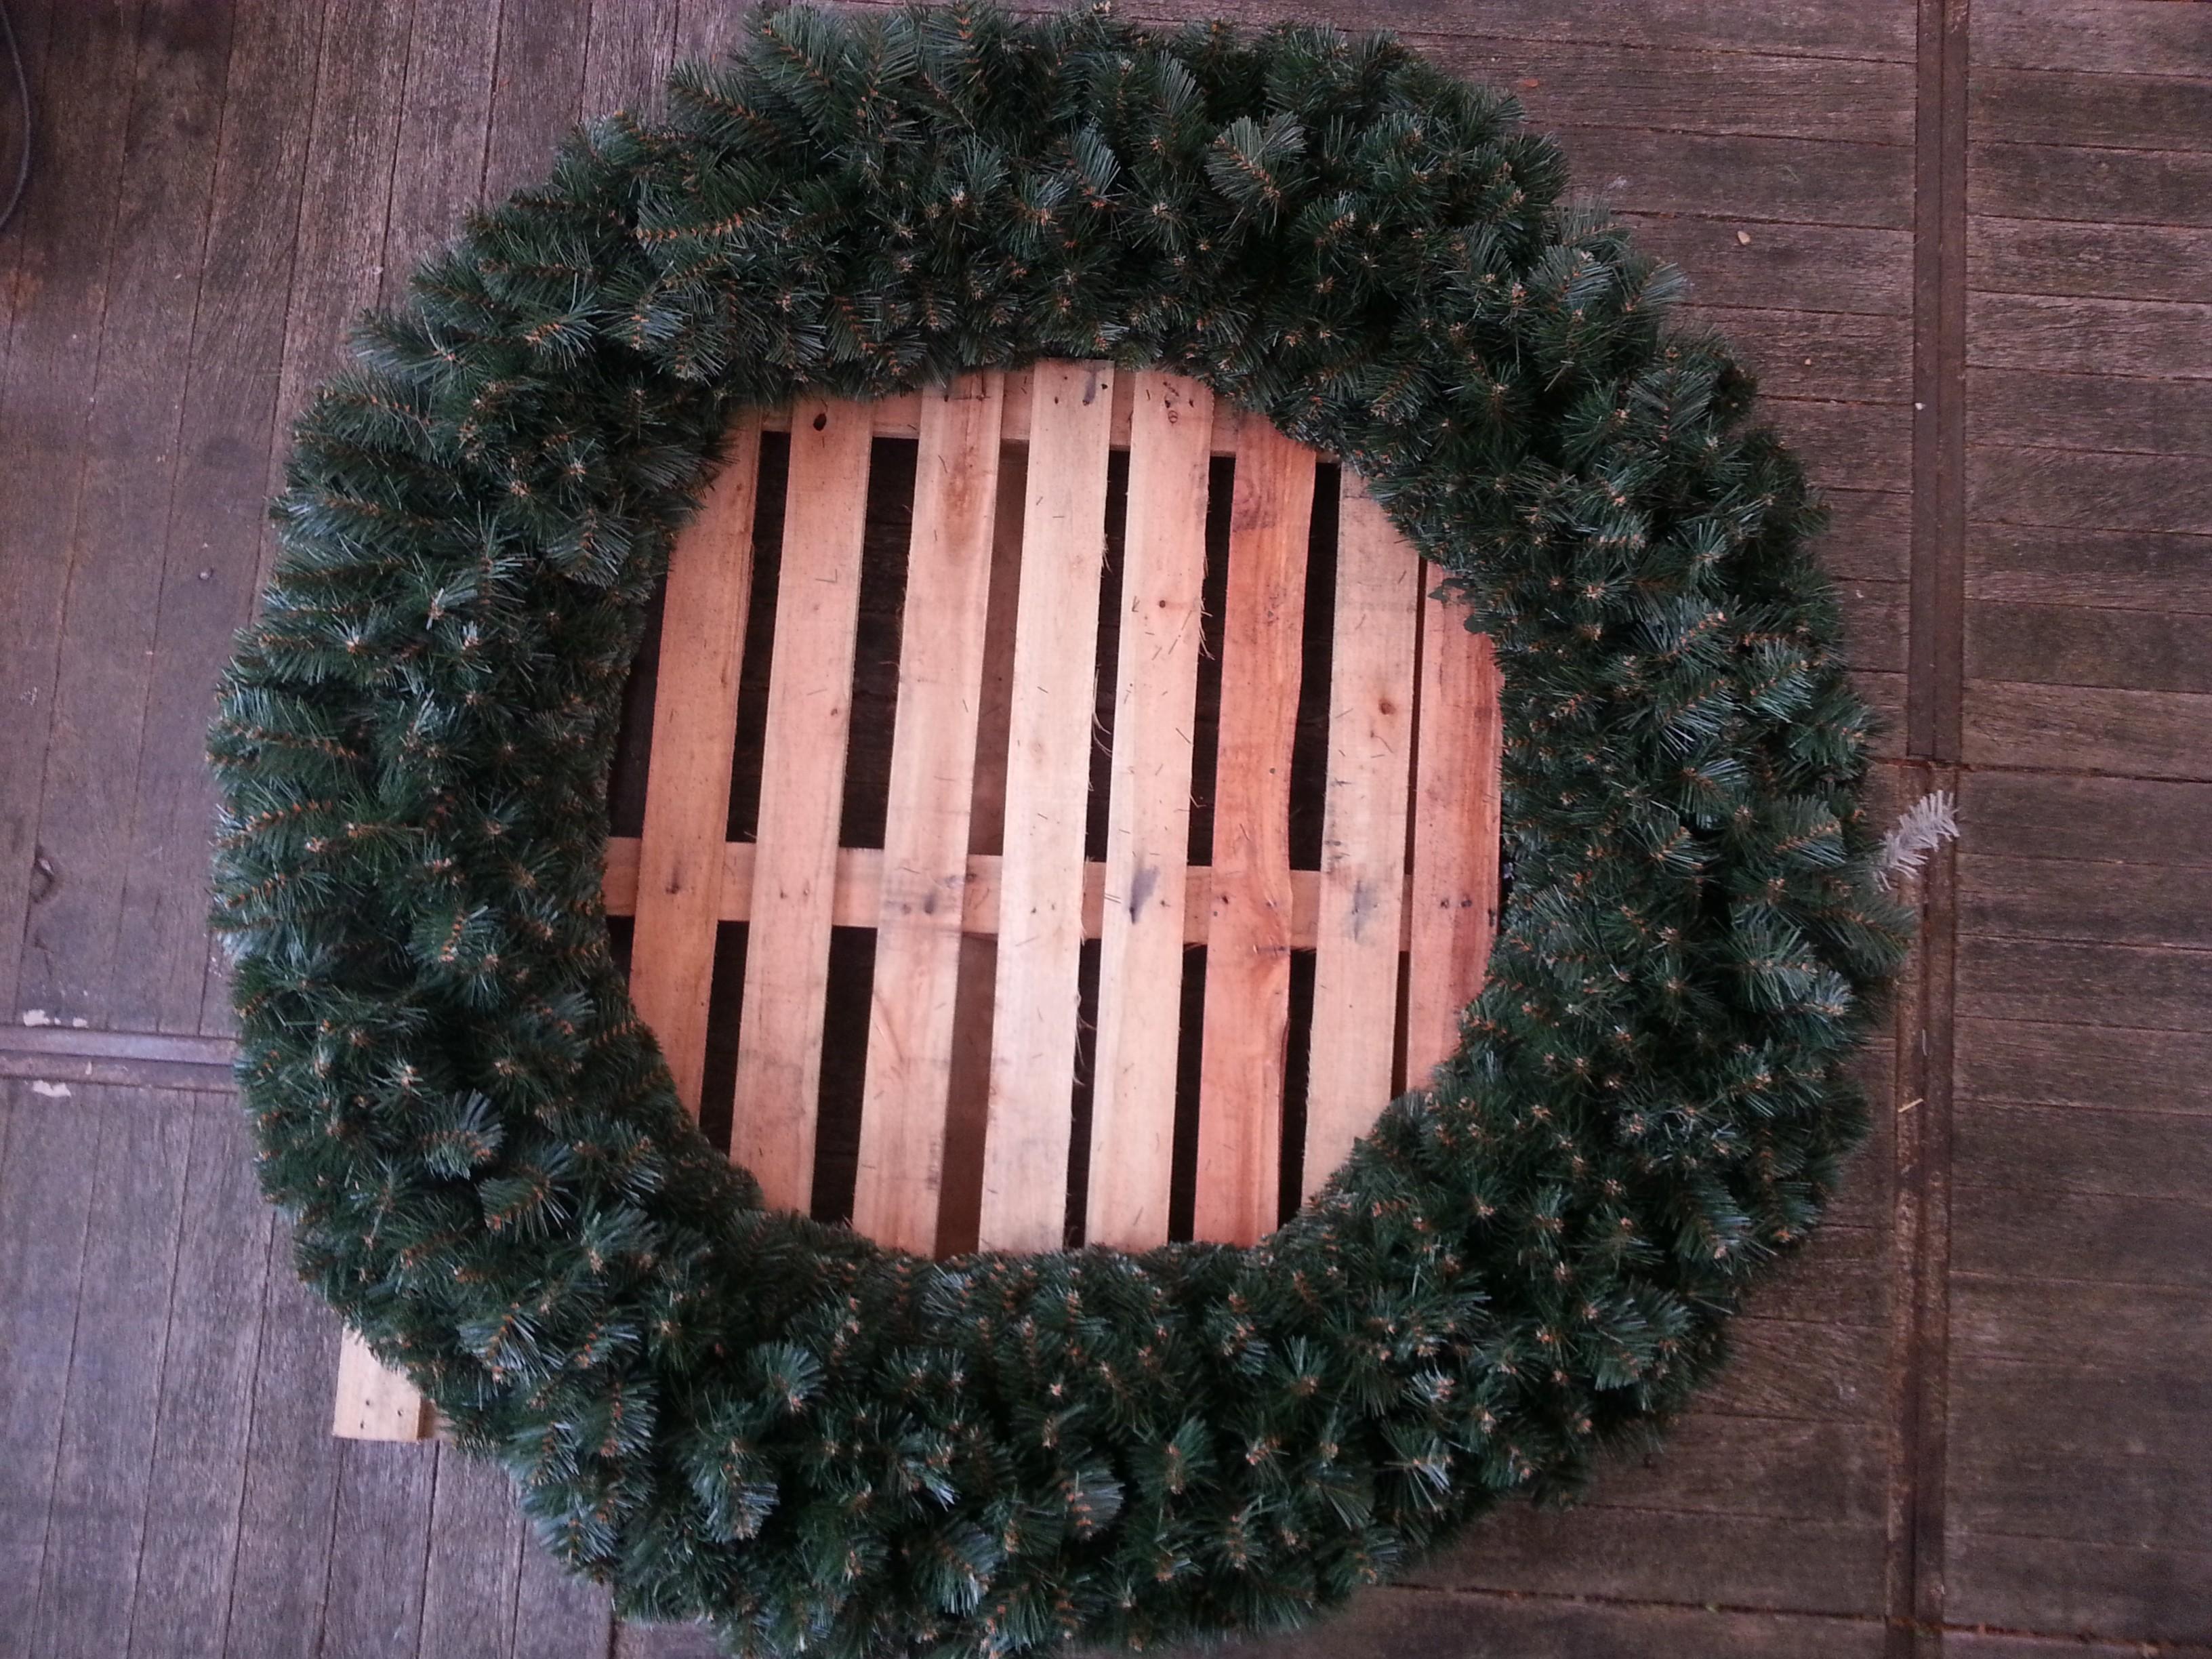 Durchmesser Weihnachtsbaum.Adventskranz Mit 200cm Durchmesser Weihnachtsbaum Hamburg Com